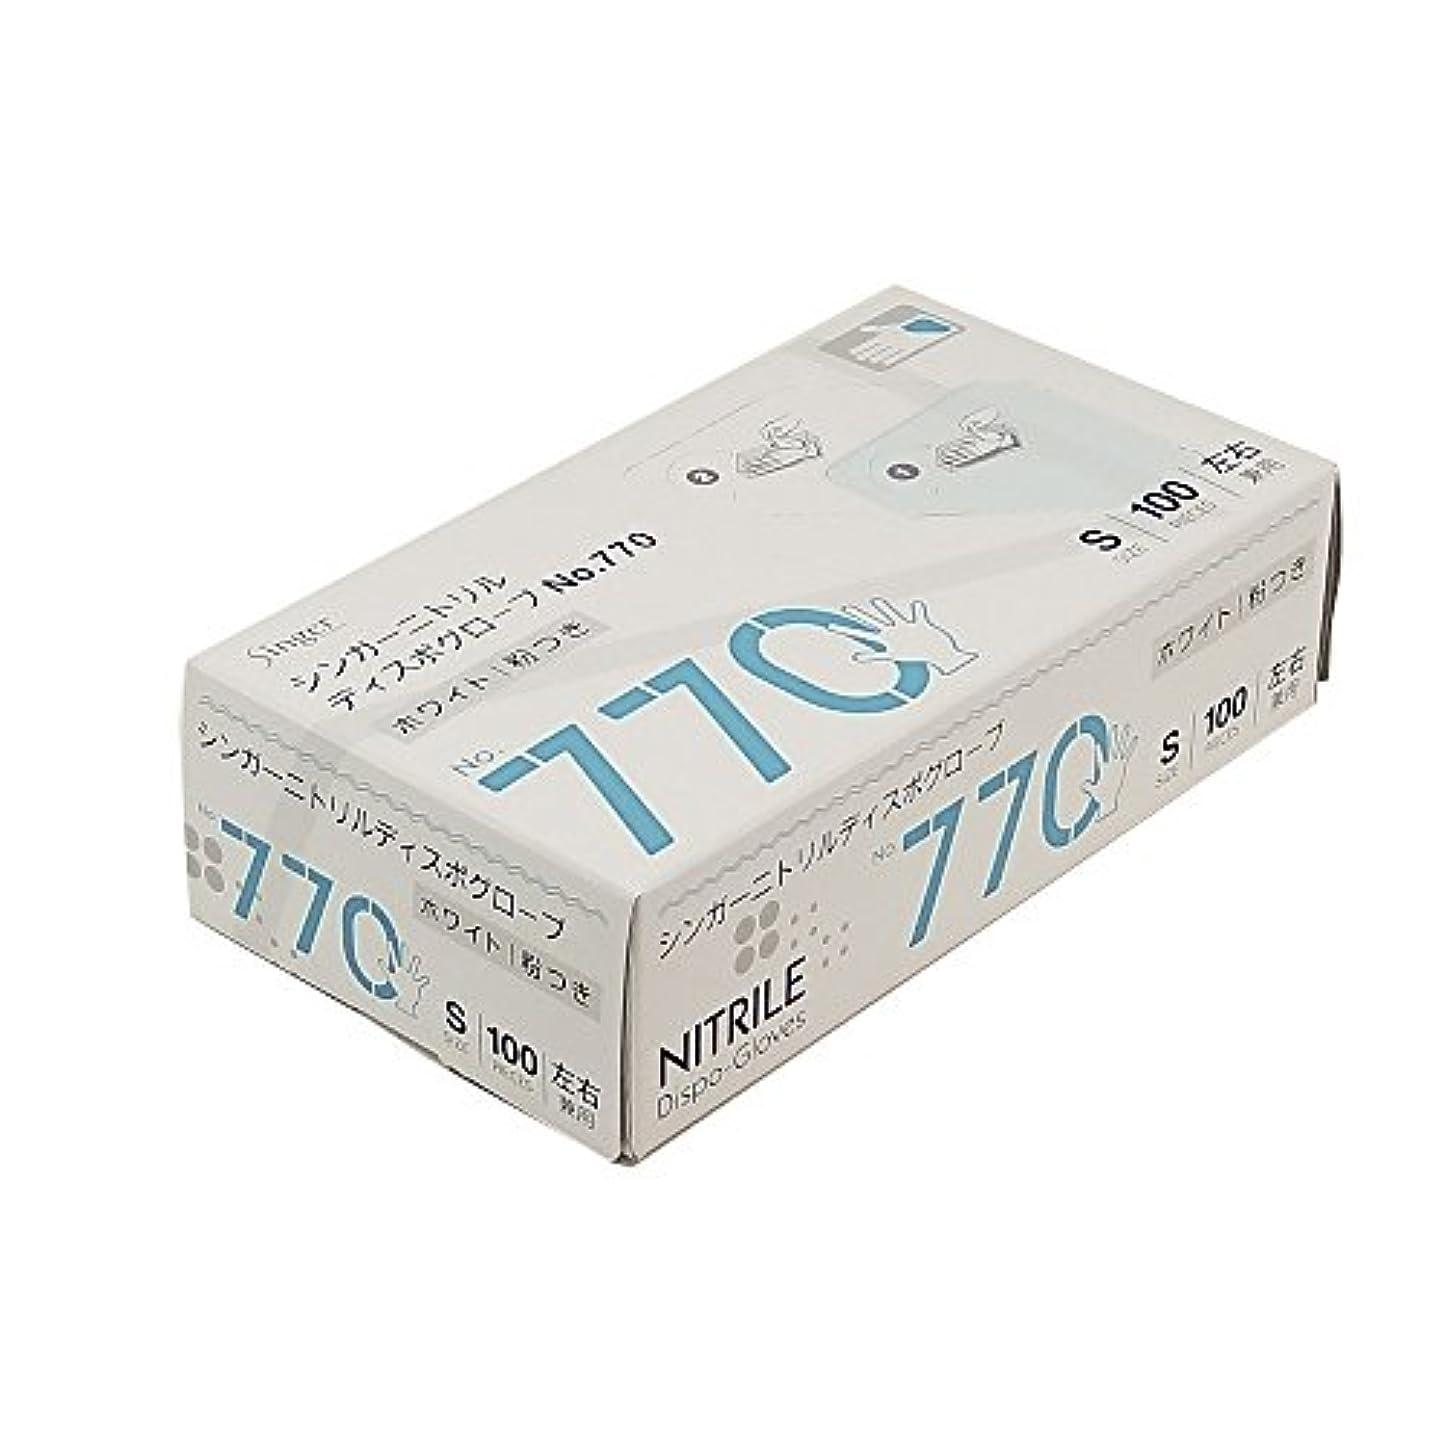 その結果プロテスタントセッティング宇都宮製作 ディスポ手袋 シンガーニトリルディスポグローブ No.770 ホワイト 粉付 100枚入  S